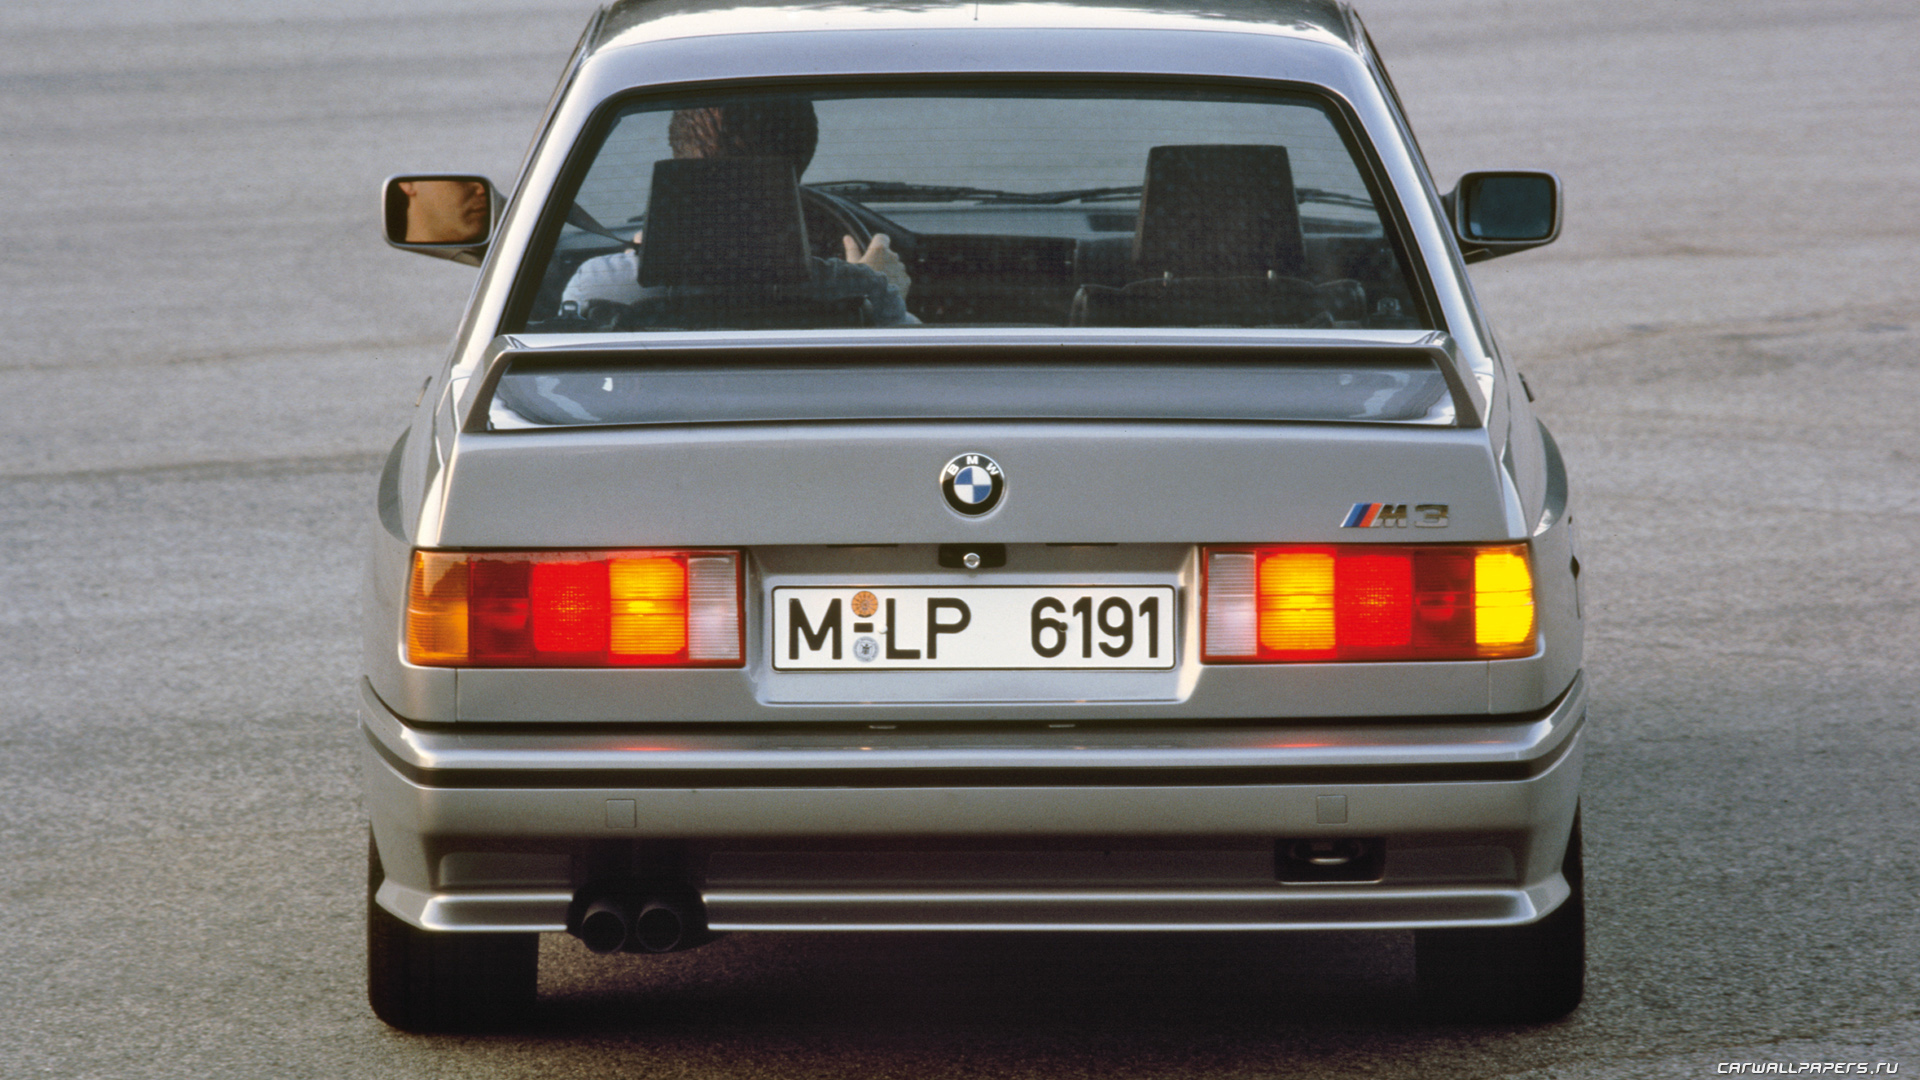 BMW M3 E30 1987 1920x1080 006 1920x1080